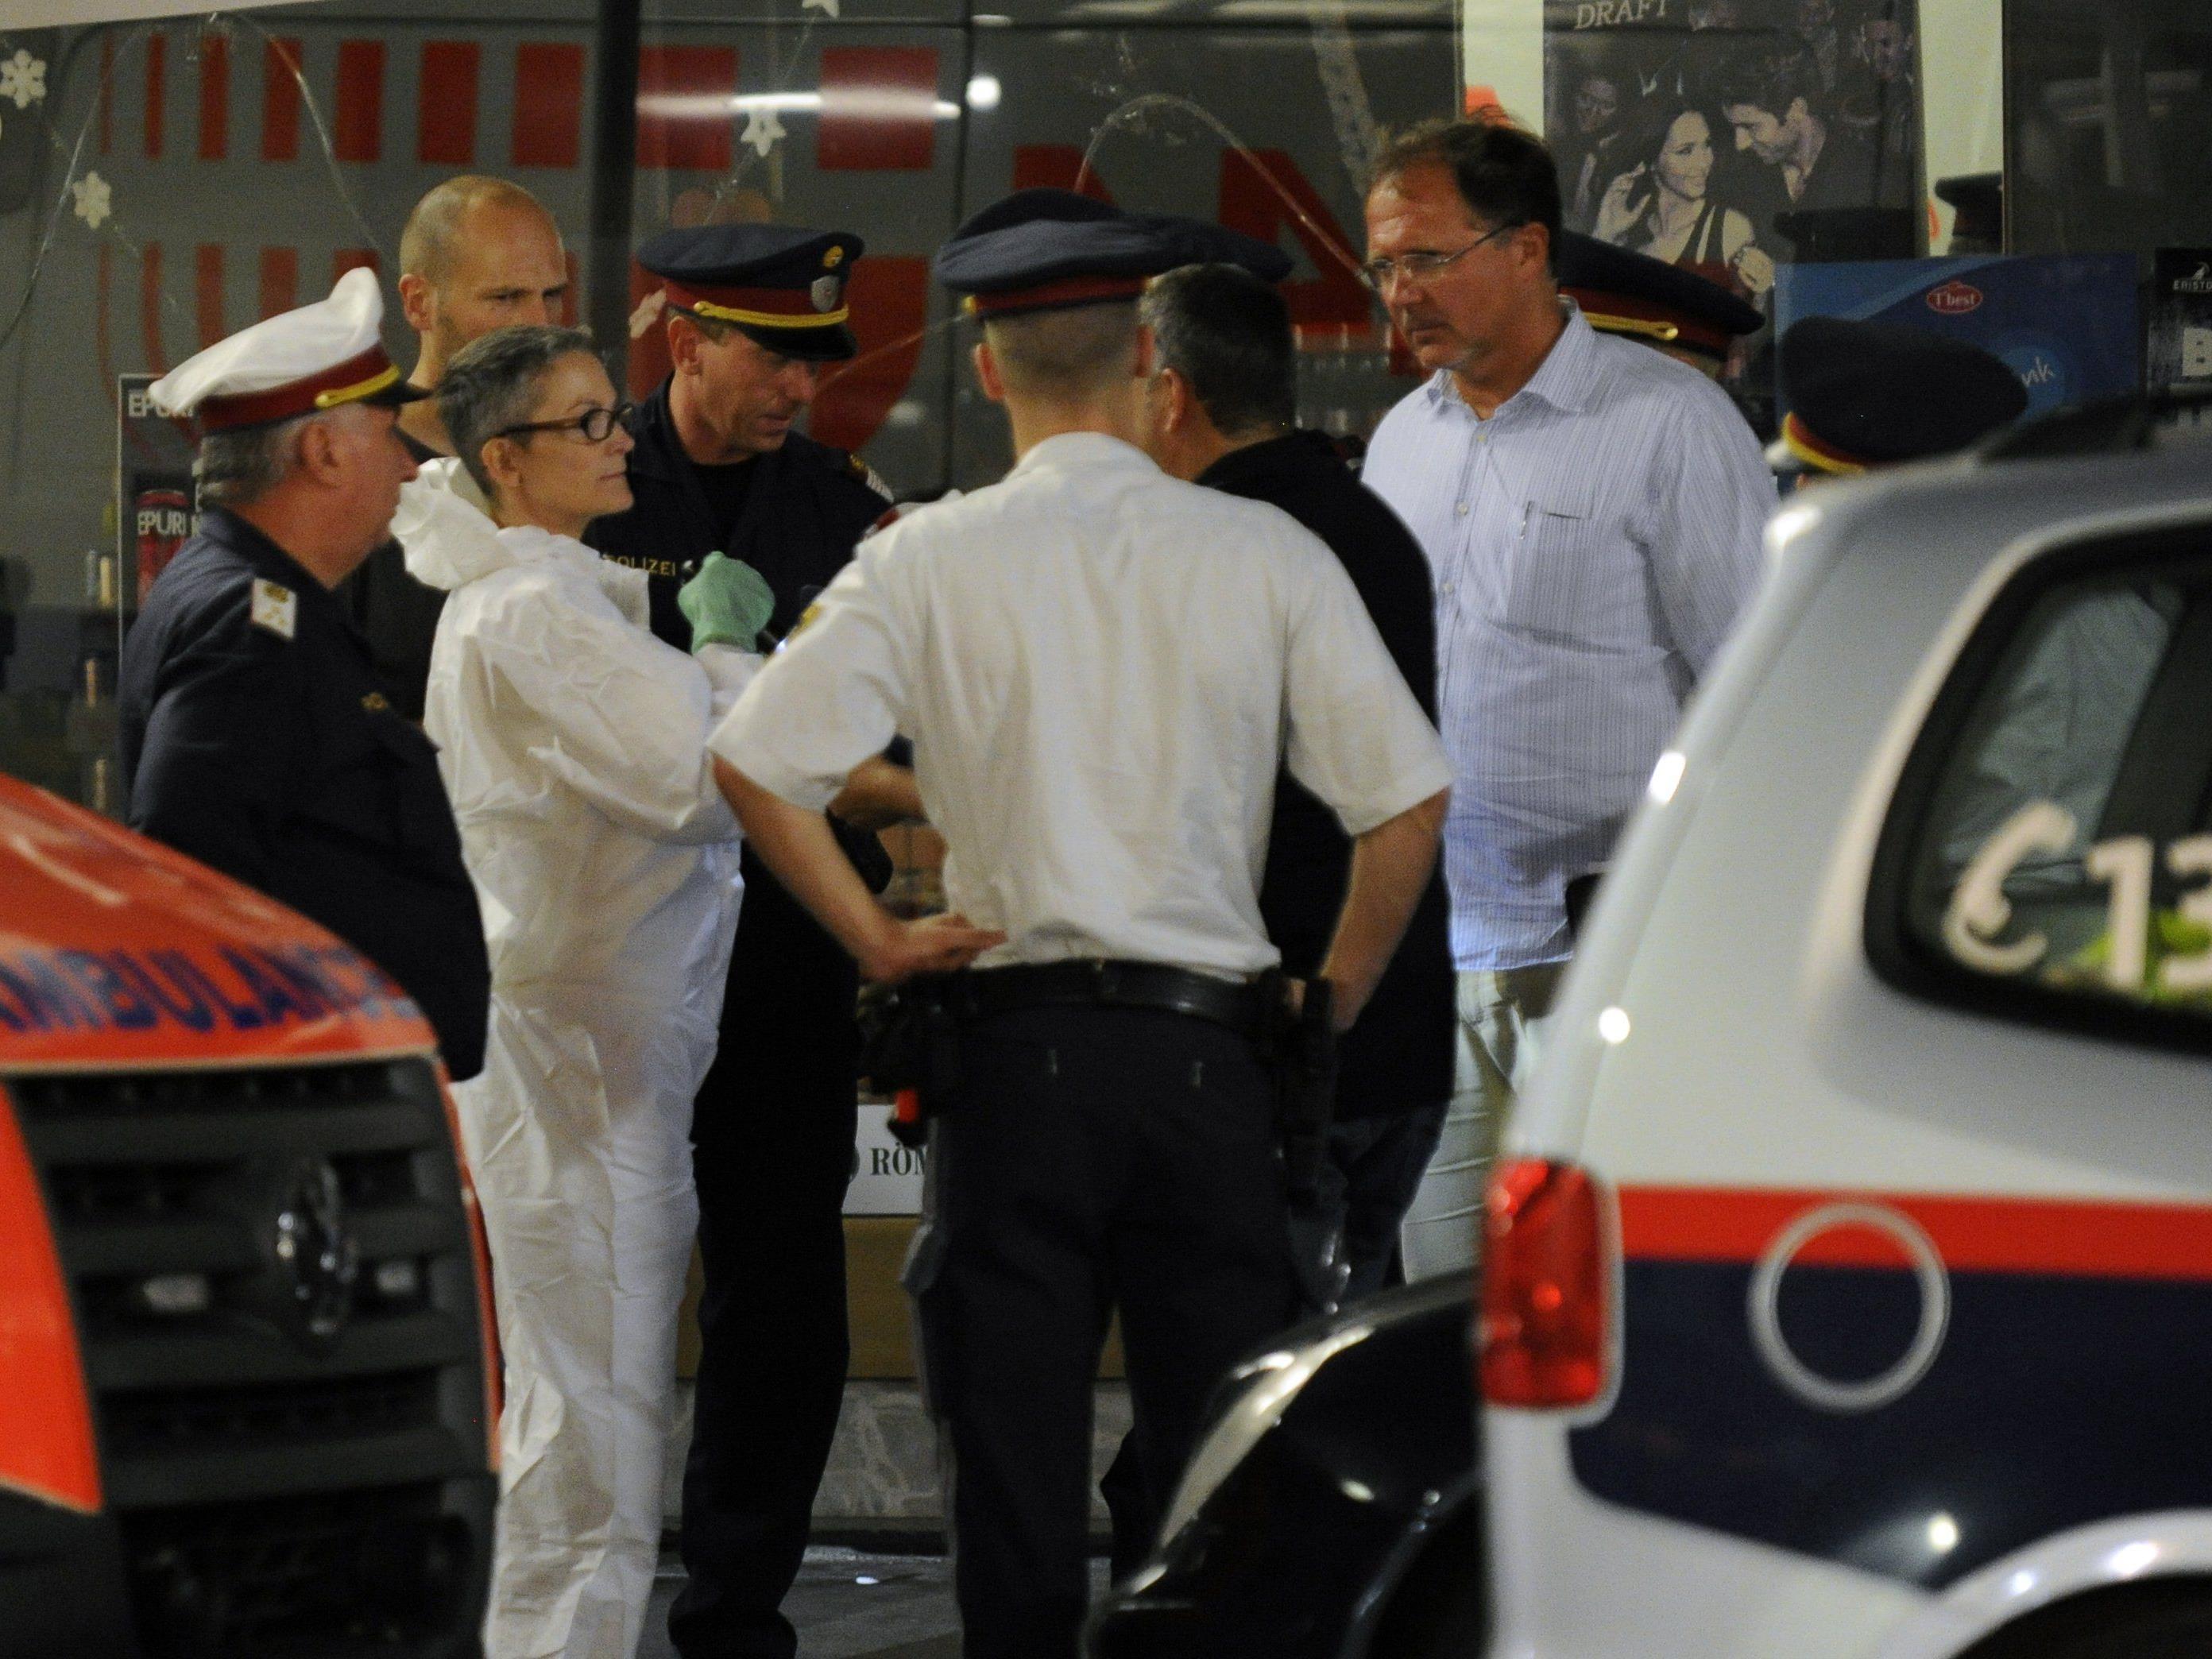 Mord und Selbstmord in Wien-Favoriten: Mann war 2013 in Haft